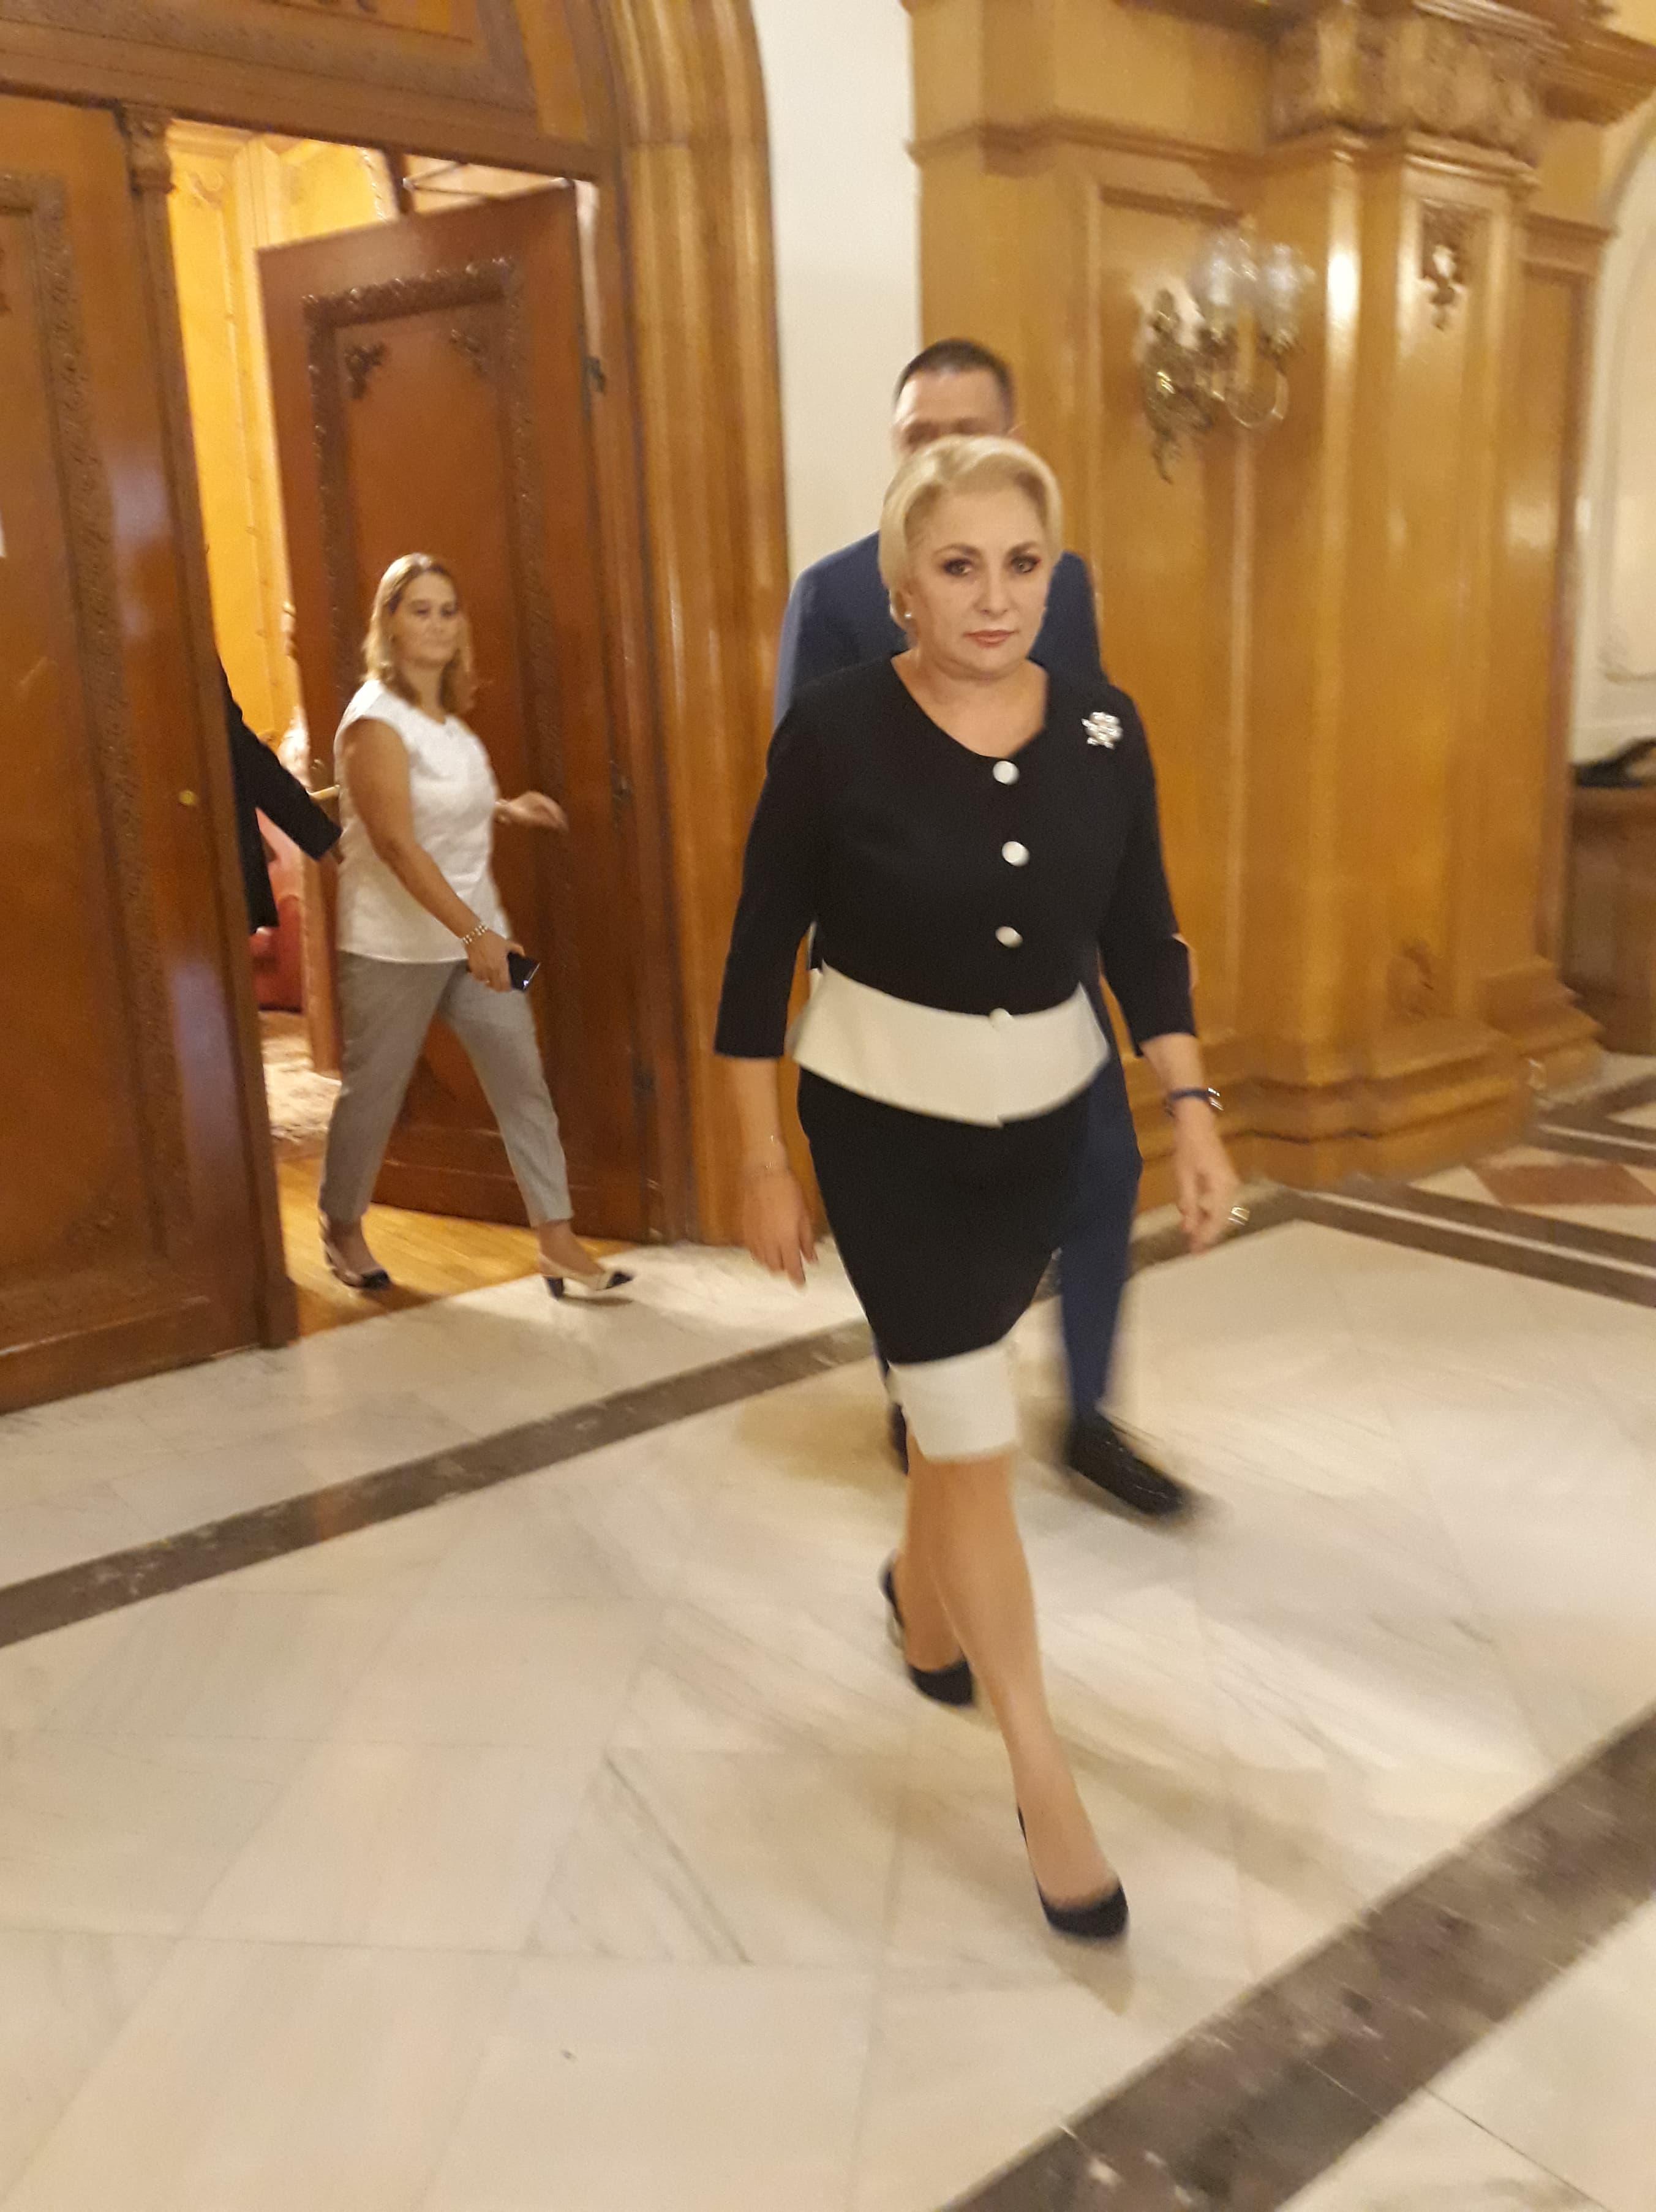 Ședință explozivă în PSD. Dăncilă a dat ordin clar: Să fie MĂCEL